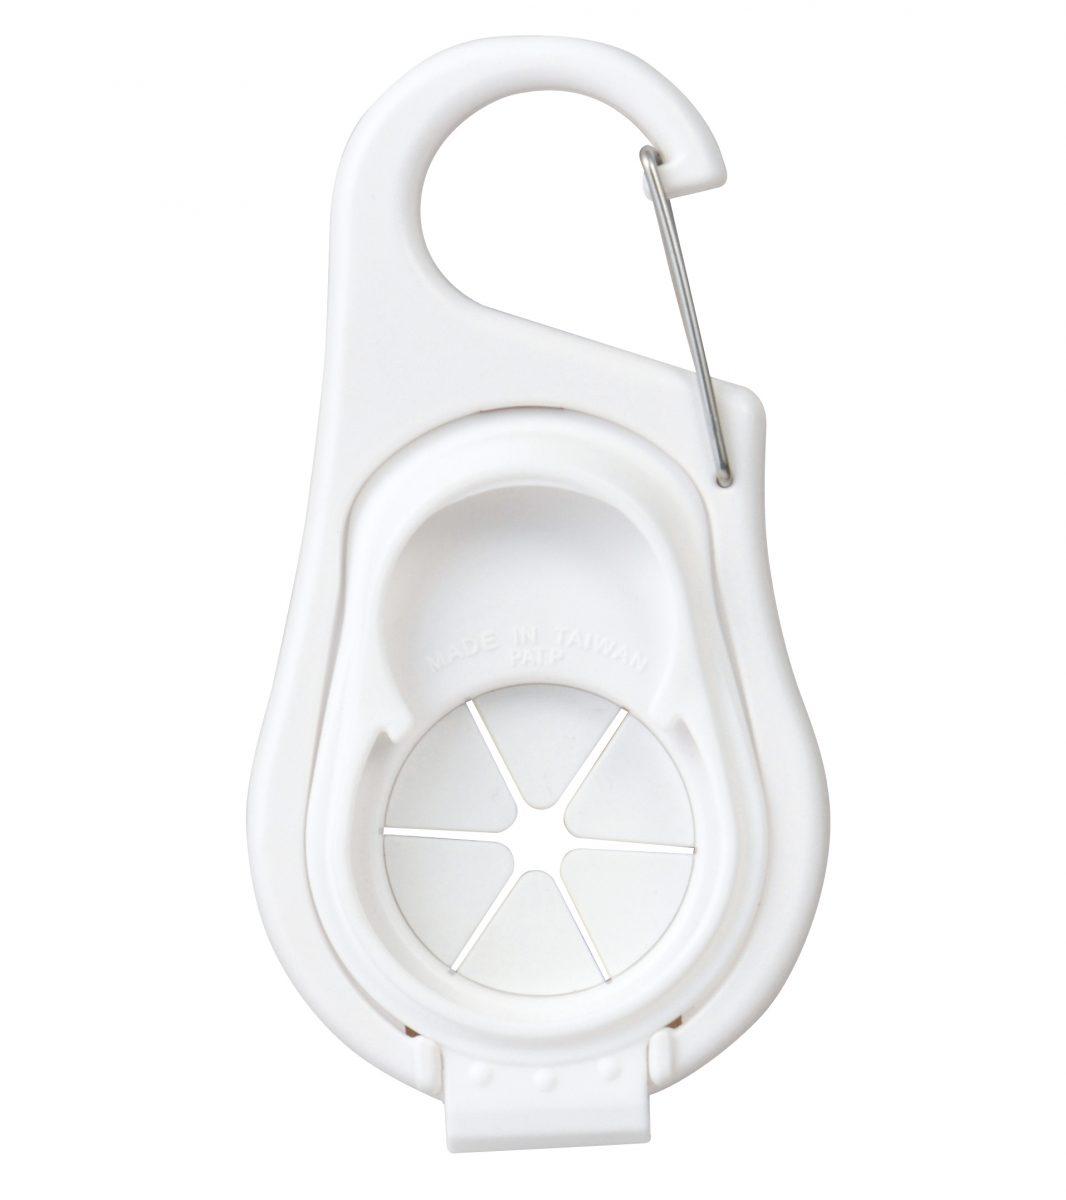 タオル&ペットボトルホルダー(ホワイト)